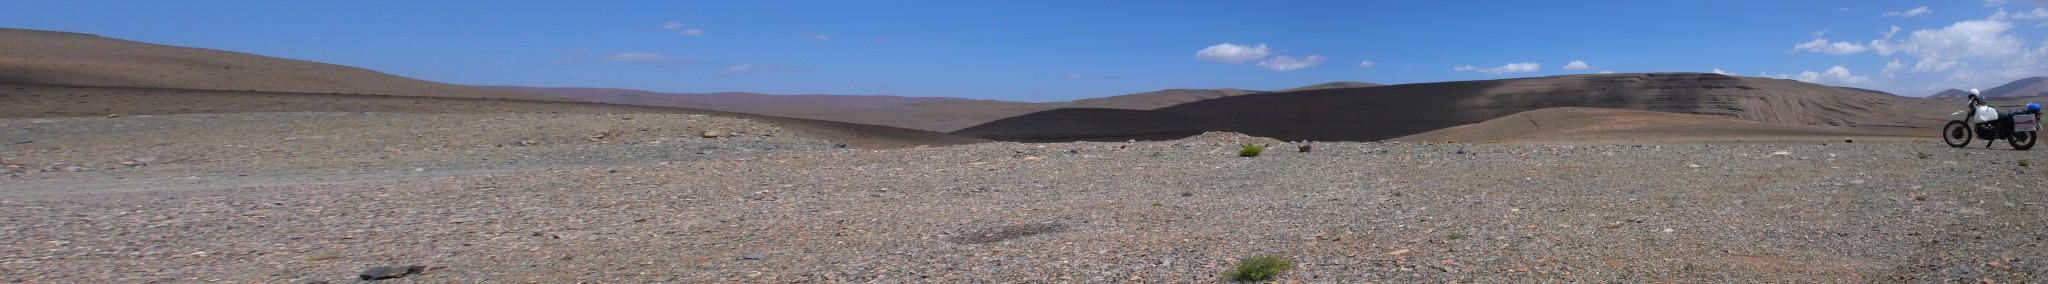 Desert_Panorama2